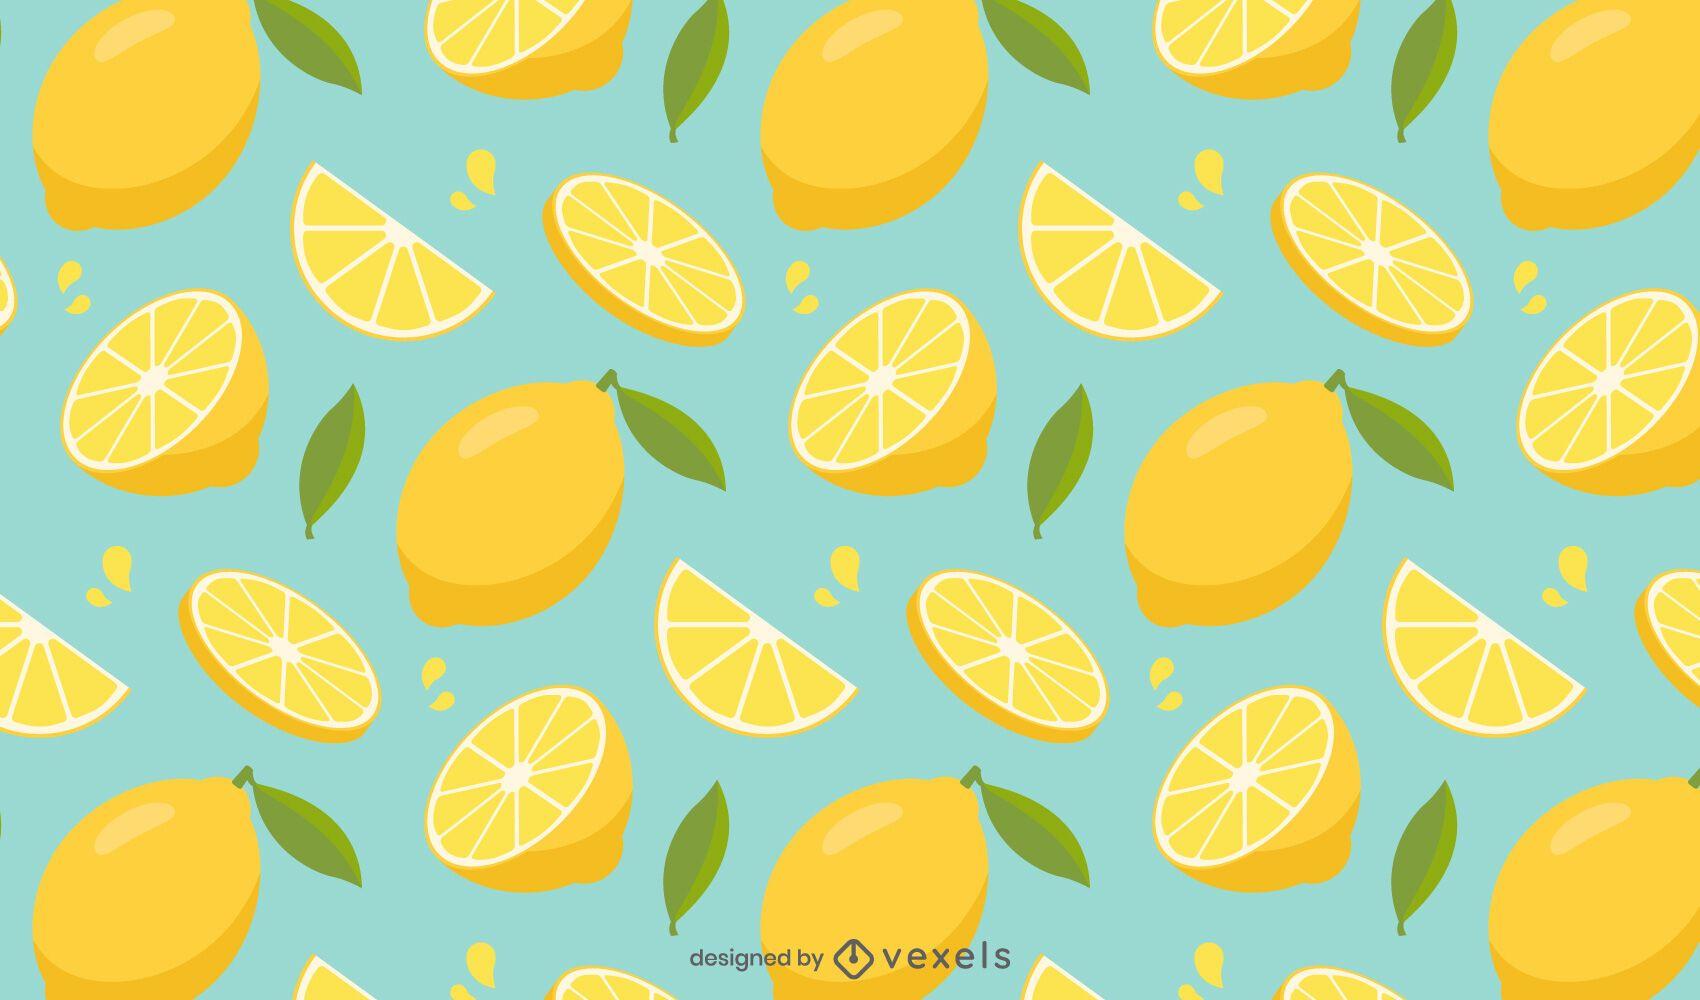 Lemon sliced pattern design